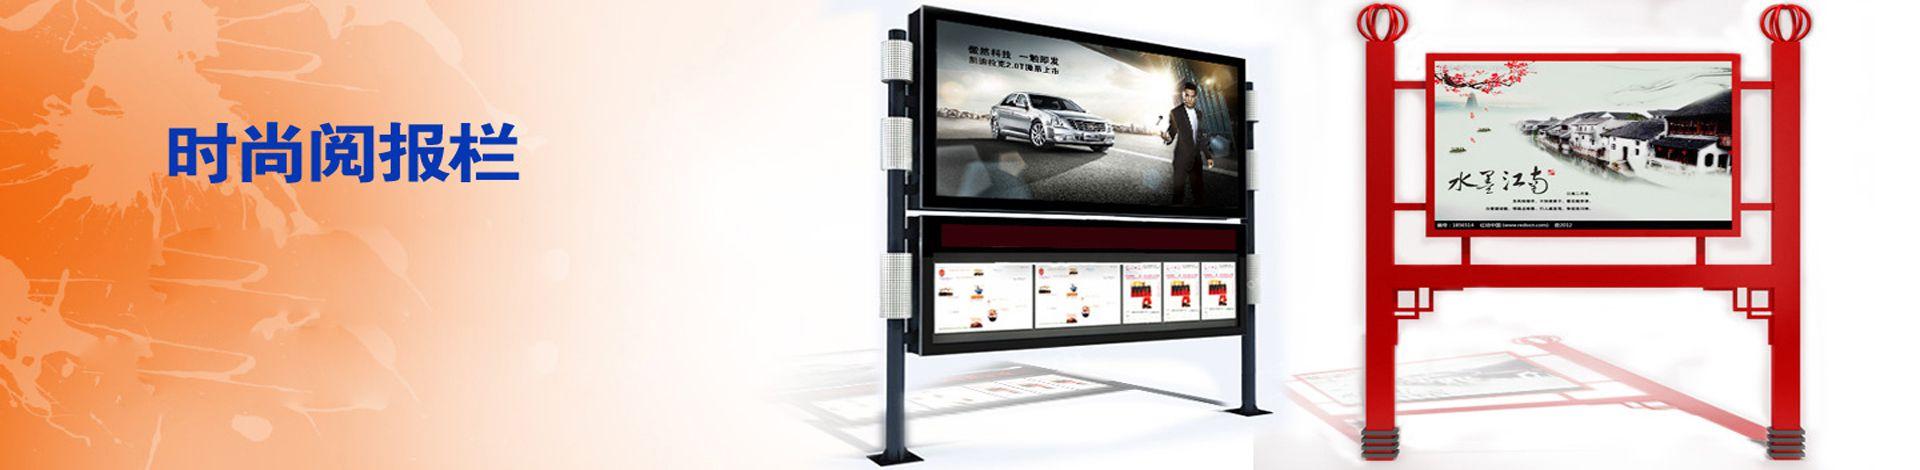 江苏中阳智能广告设备有限公司